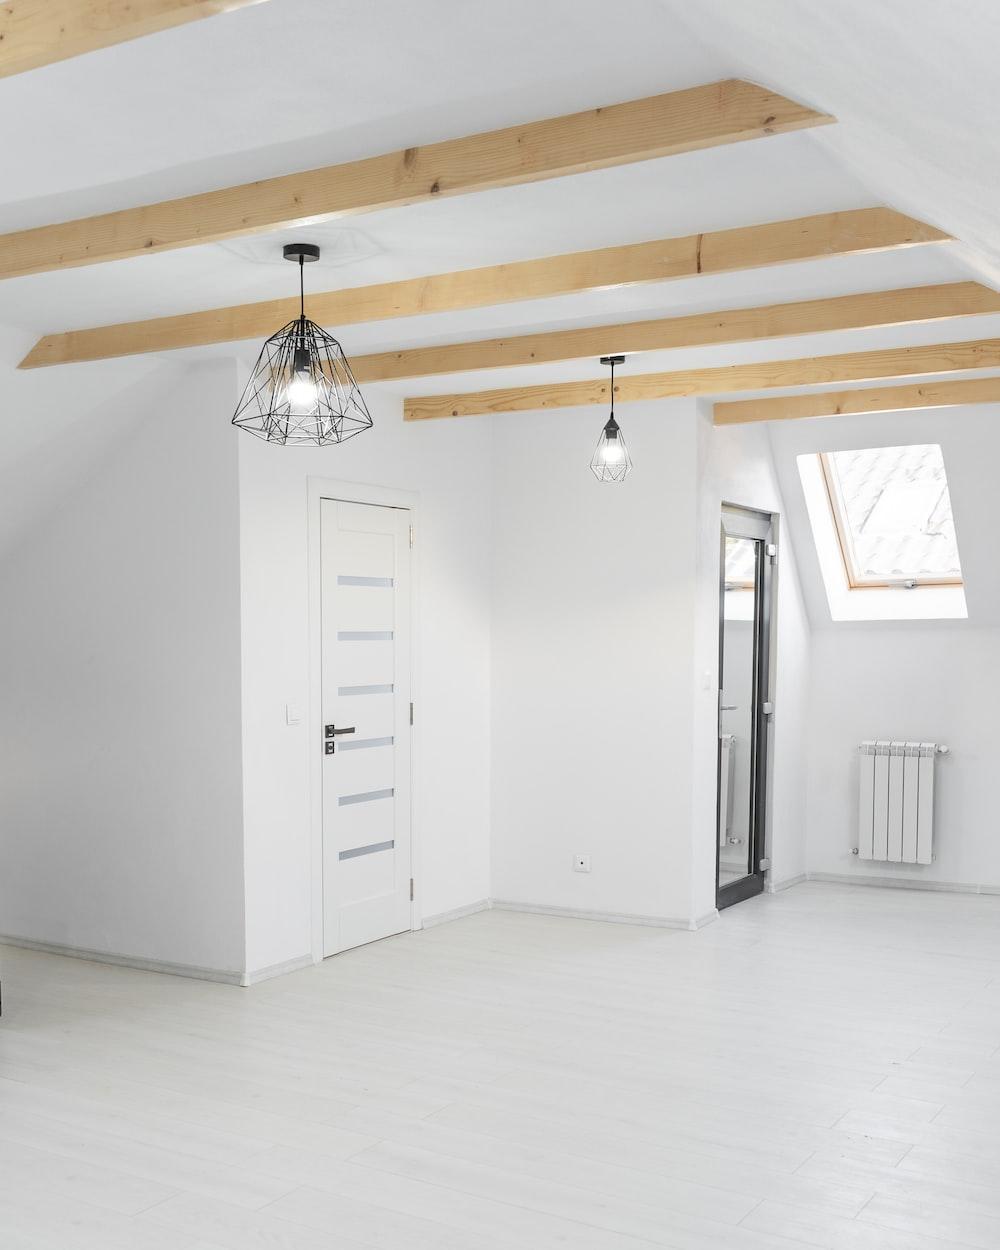 white wooden cabinet near white wooden door